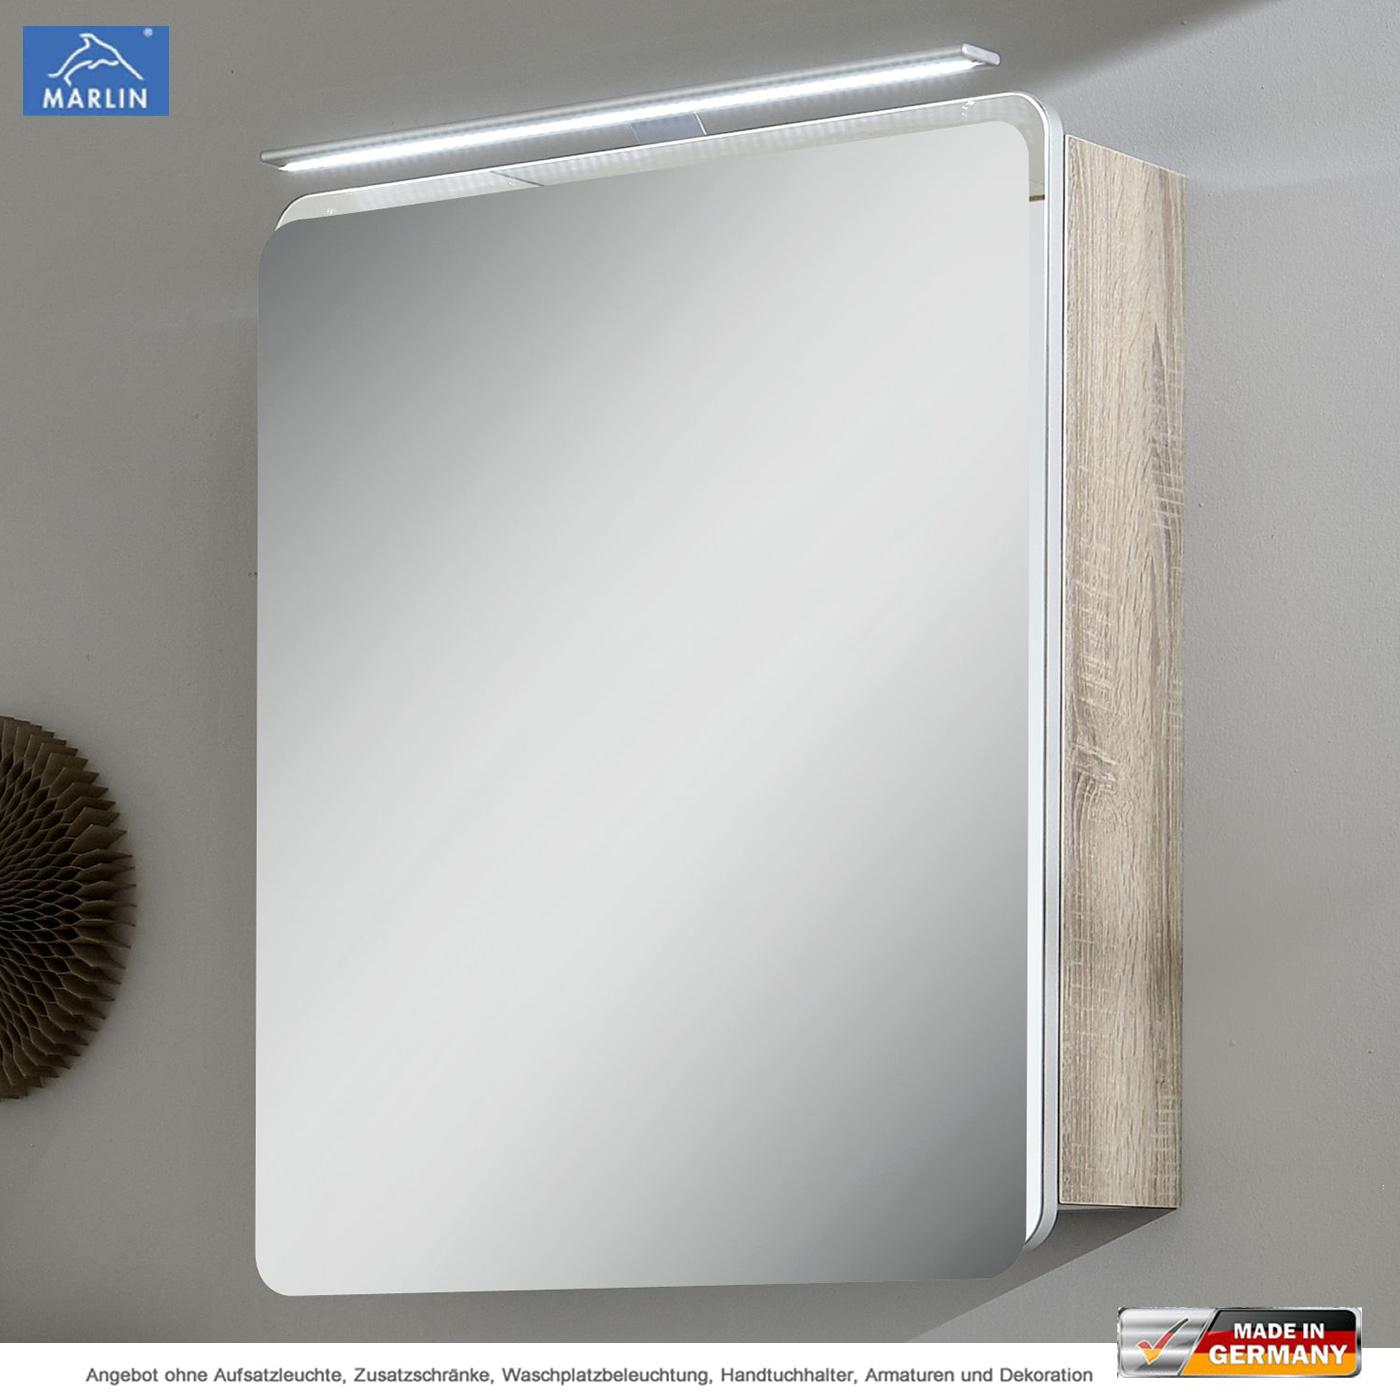 Beliebt Marlin 3020 Life Spiegelschrank 60 cm | Impulsbad WR38